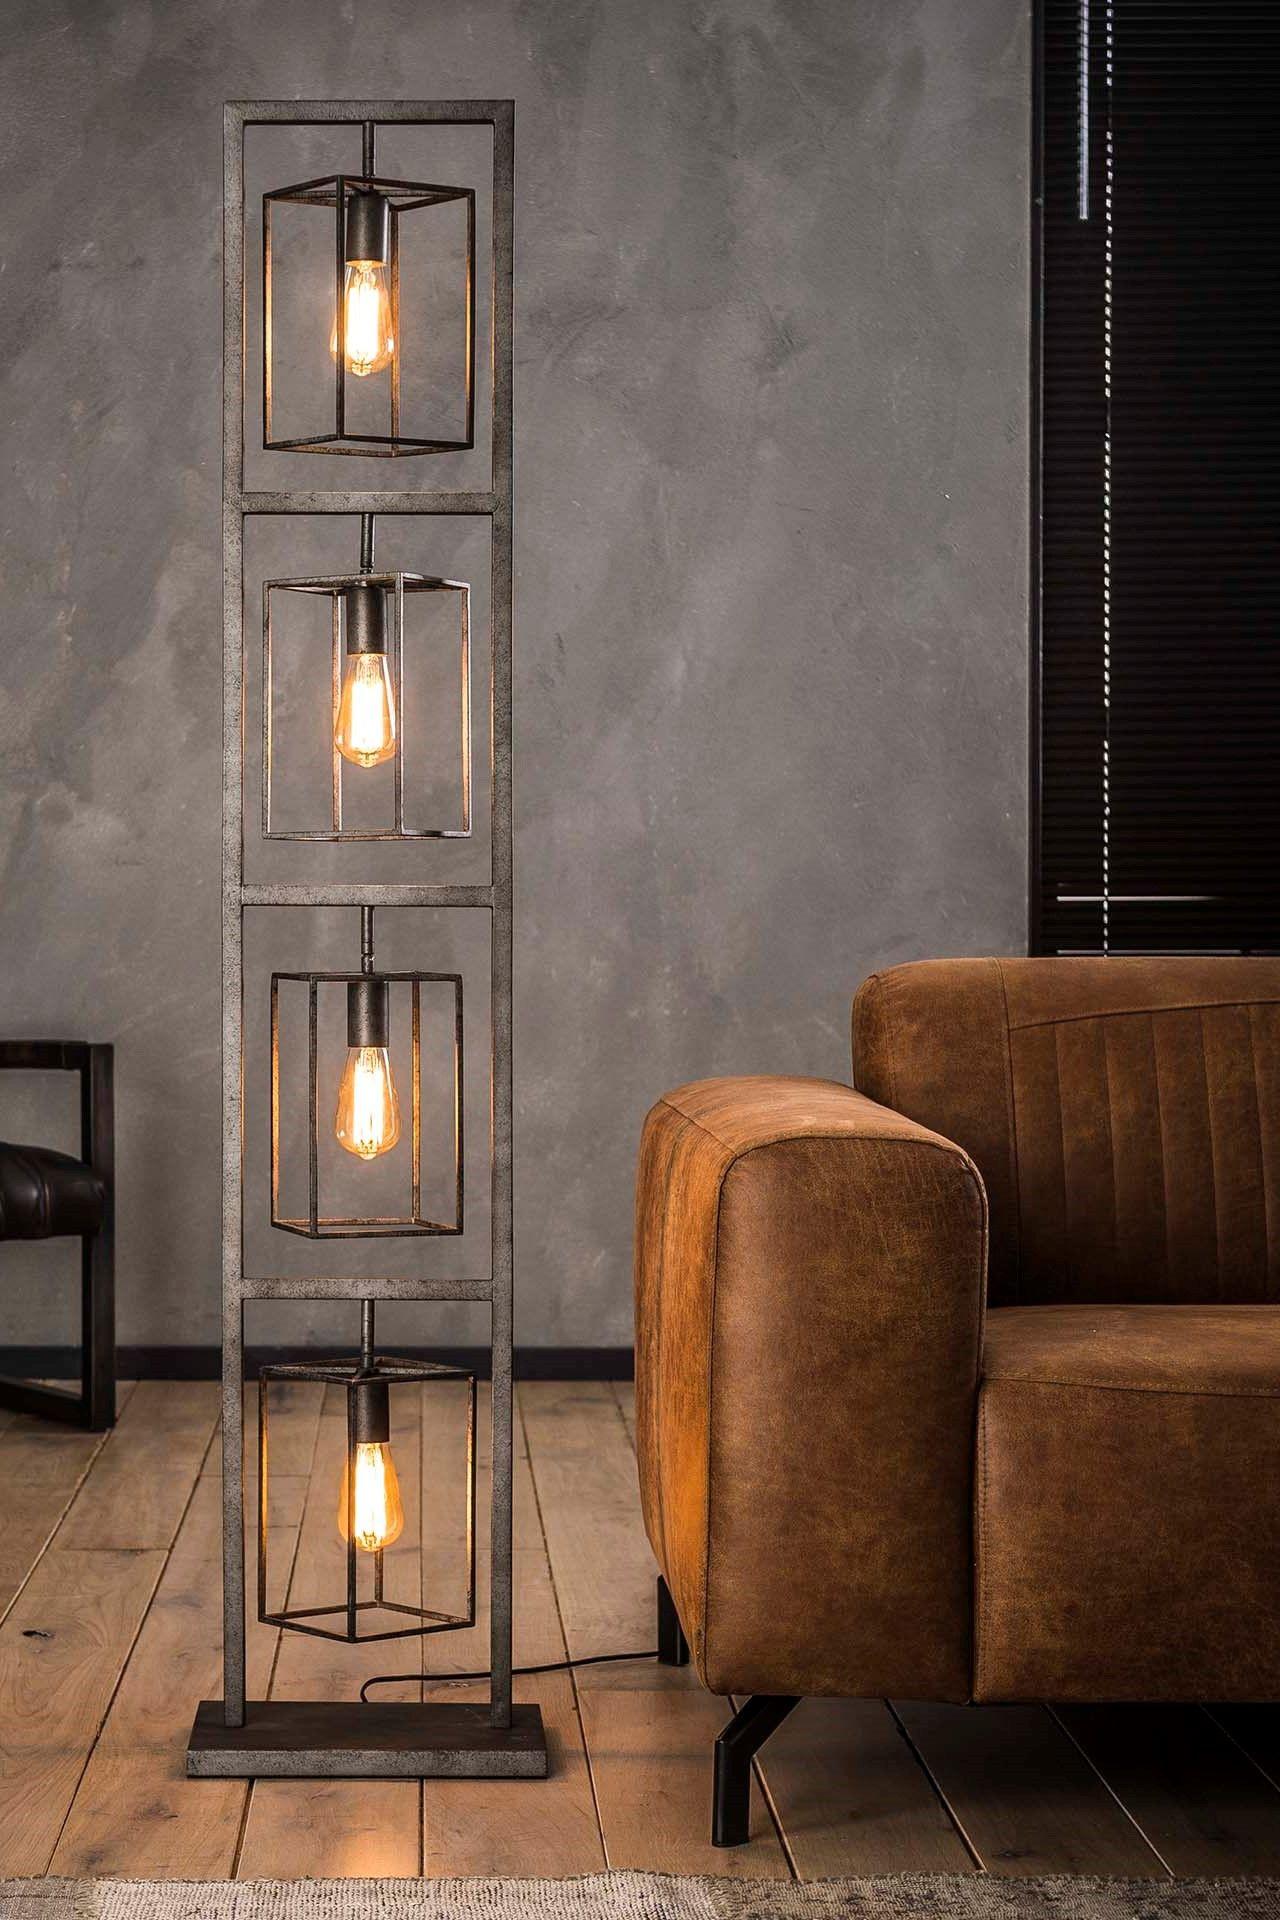 Stehlampe Kube  Stehlampe wohnzimmer, Beleuchtungsideen, Stehlampe